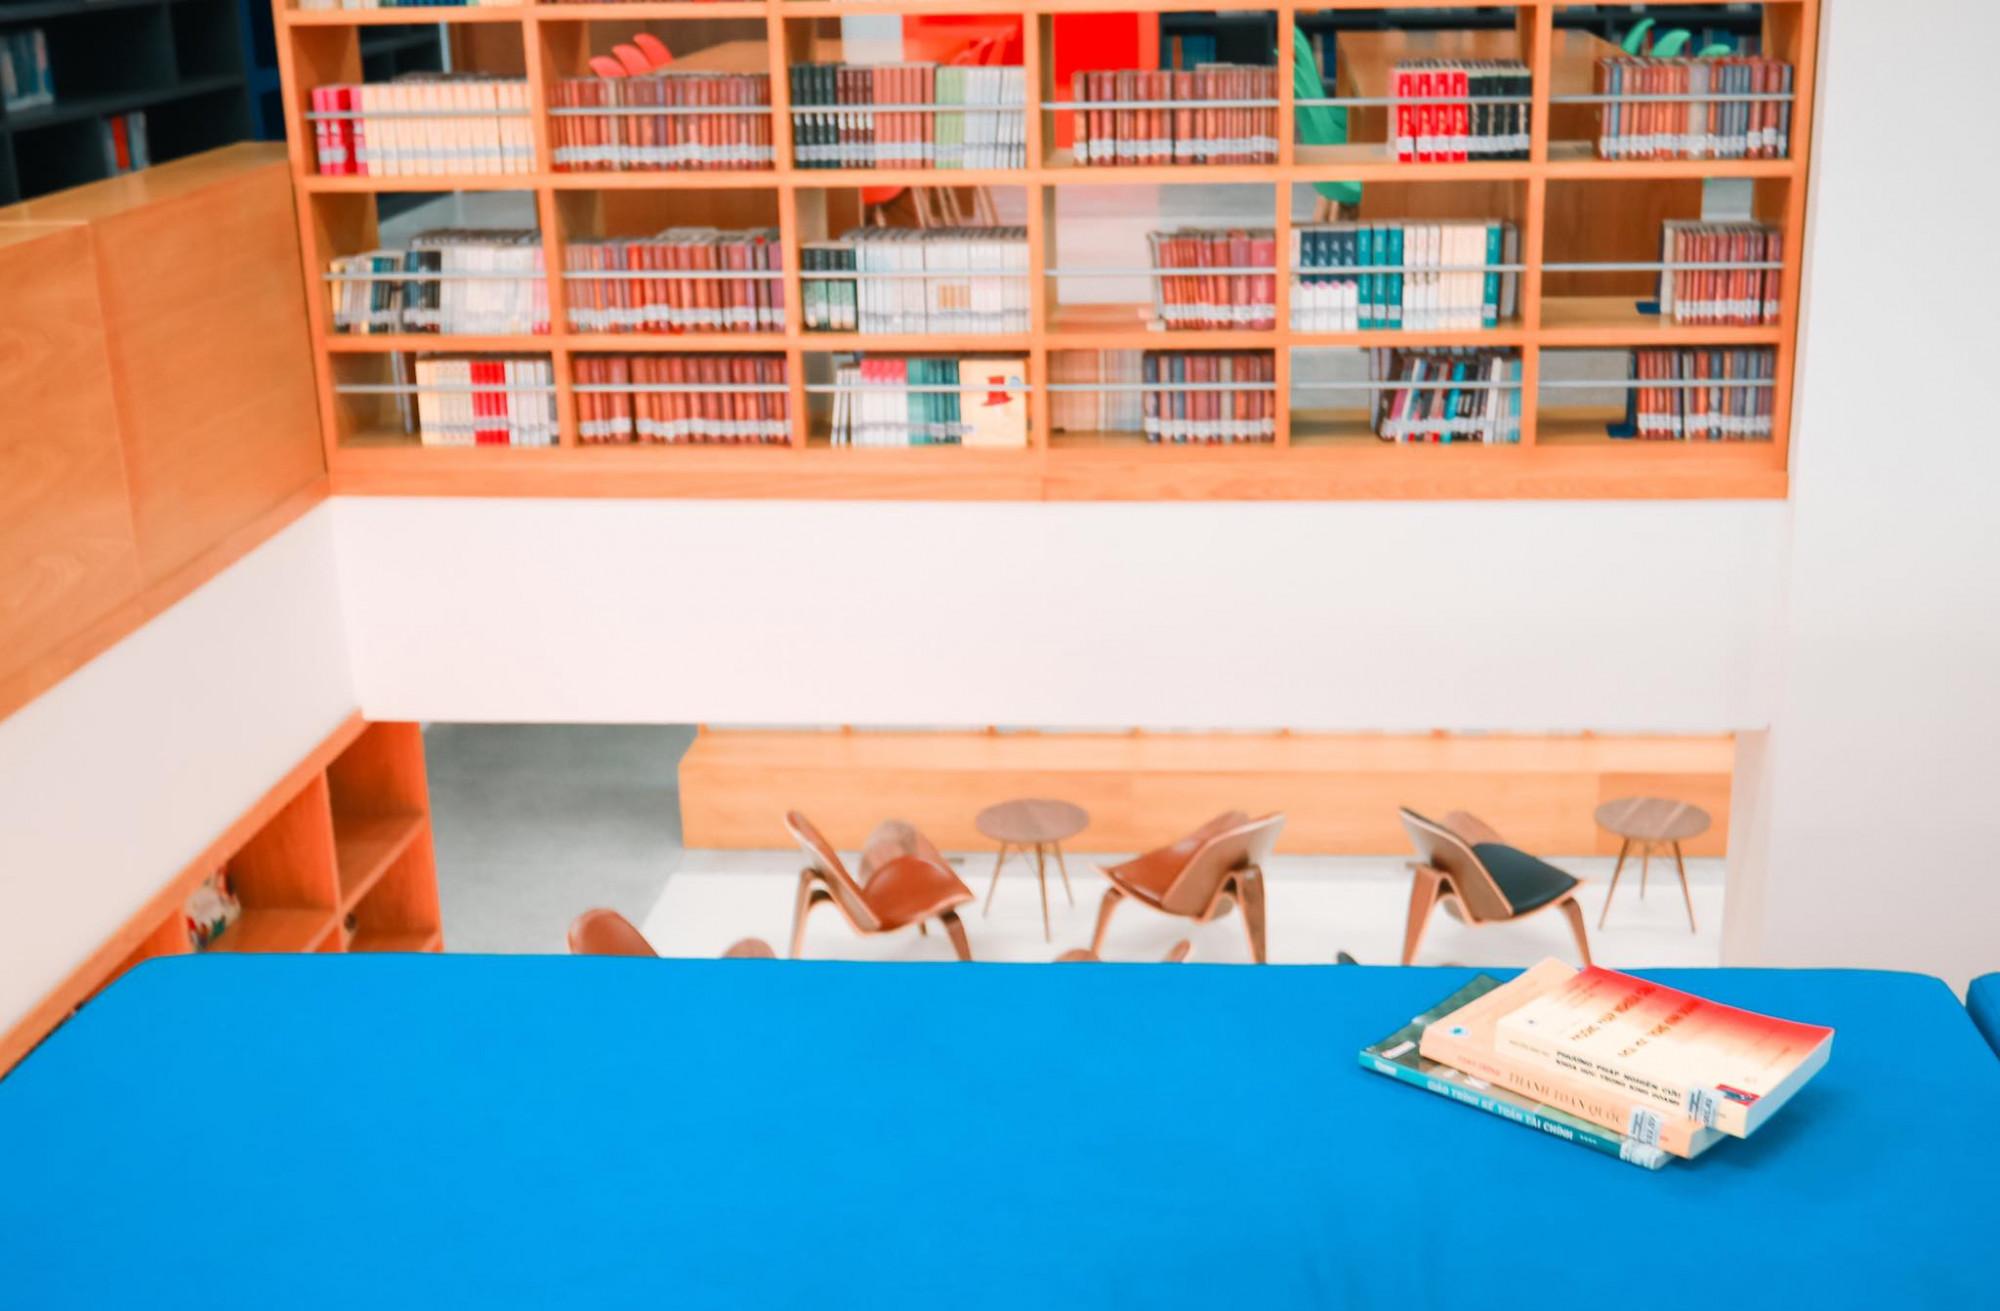 Hành lang, cầu thang đều có thể trở thành giá sách và nơi tự học